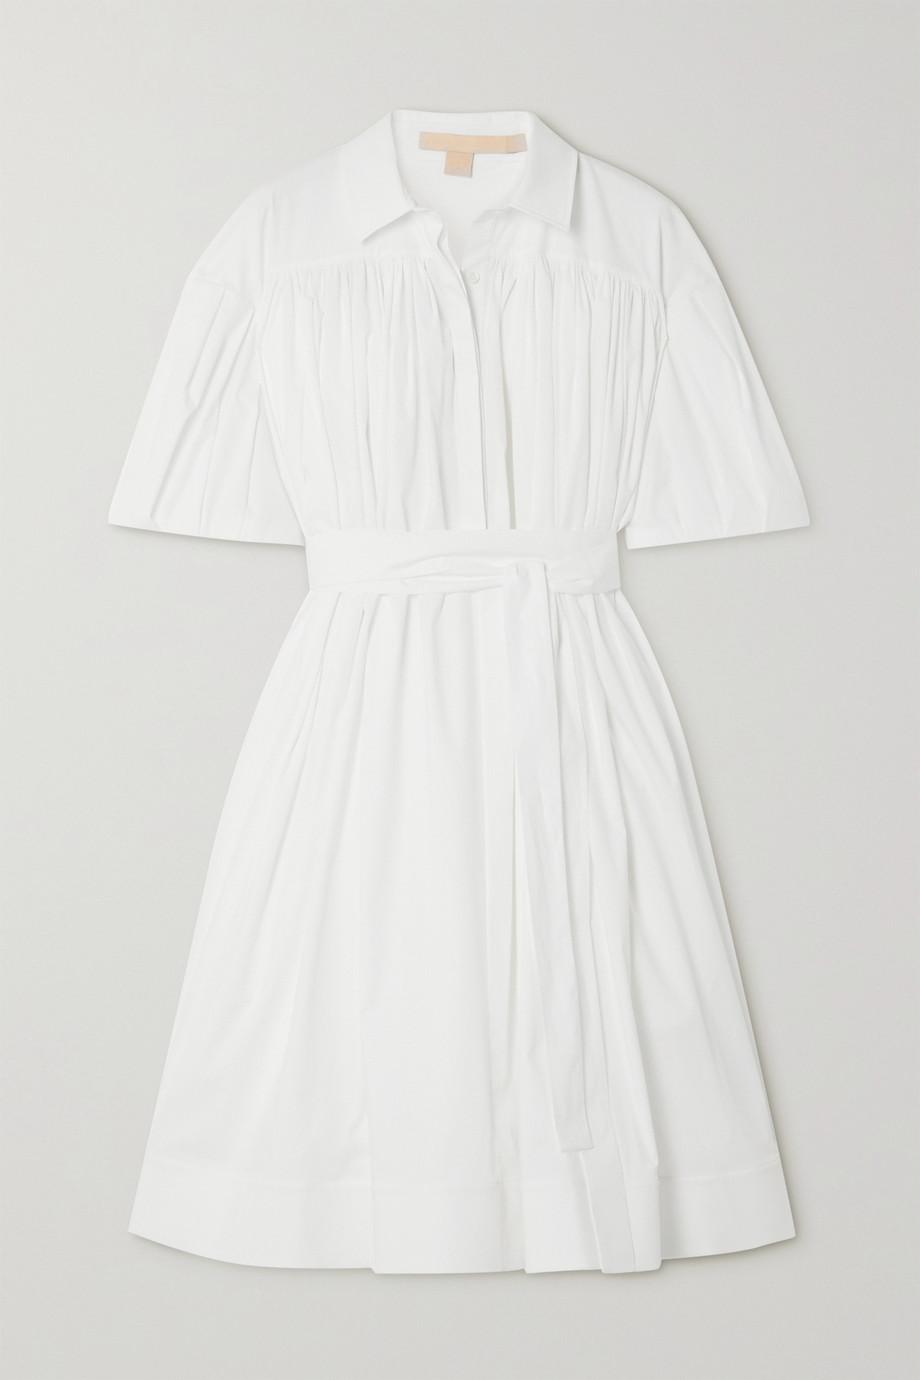 Brock Collection Kleid aus Popeline aus einer Baumwollmischung mit Bindegürtel